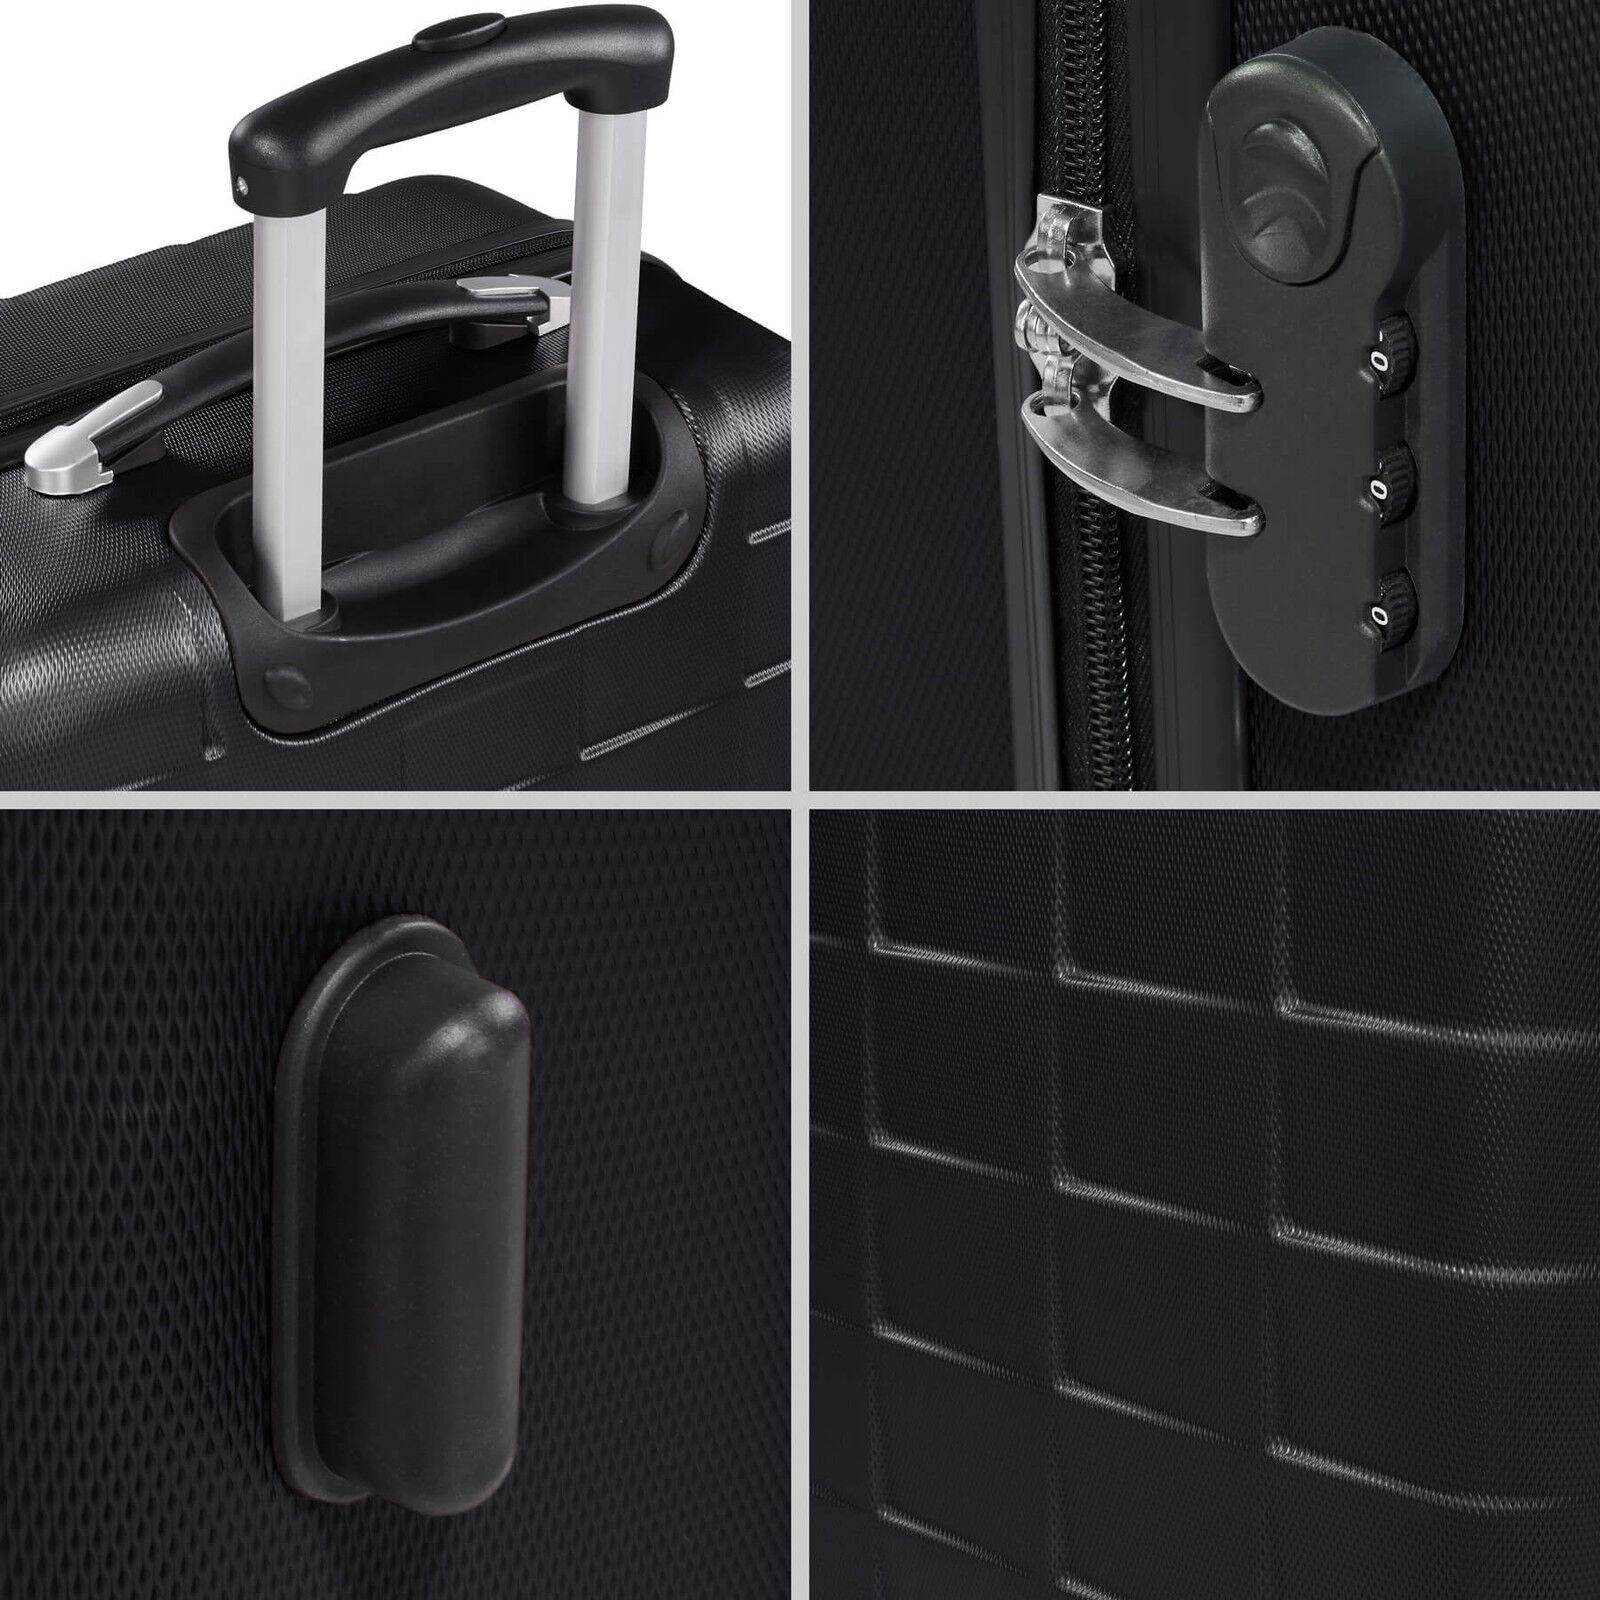 Set de 3 valises de voyage coque ABS léger rigide bagages valise trolley noir 5